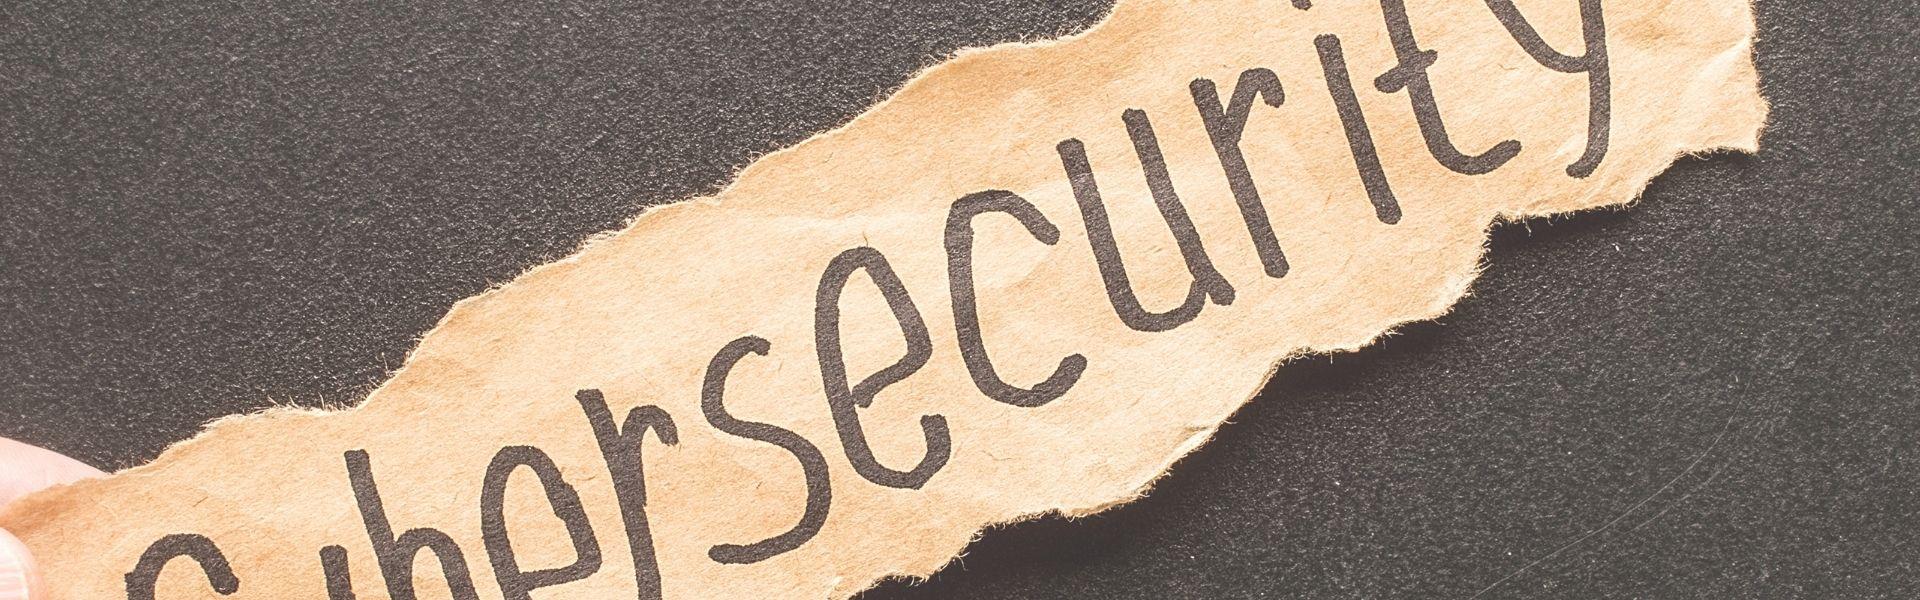 Articulos Ciberseguridad - Semantic Systems